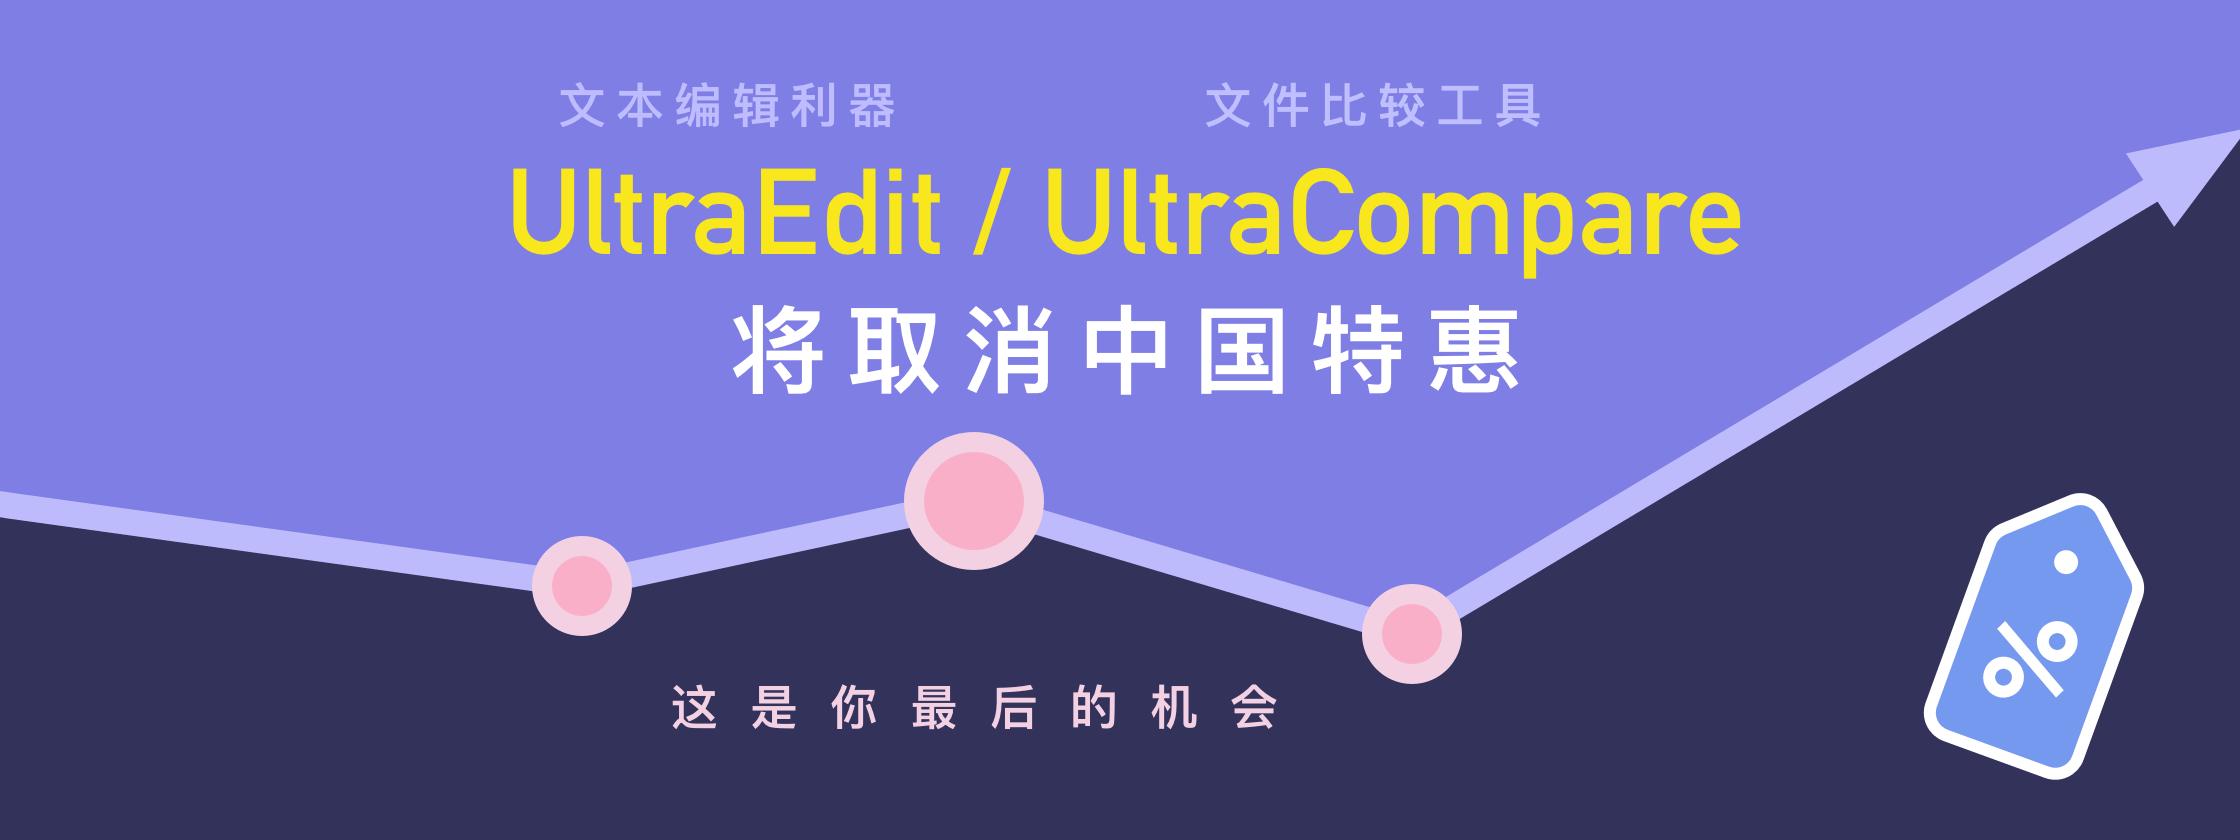 文本编辑利器 UltraEdit 和文件比较工具 UltraCompare 将取消中国特惠,这是你最后的机会